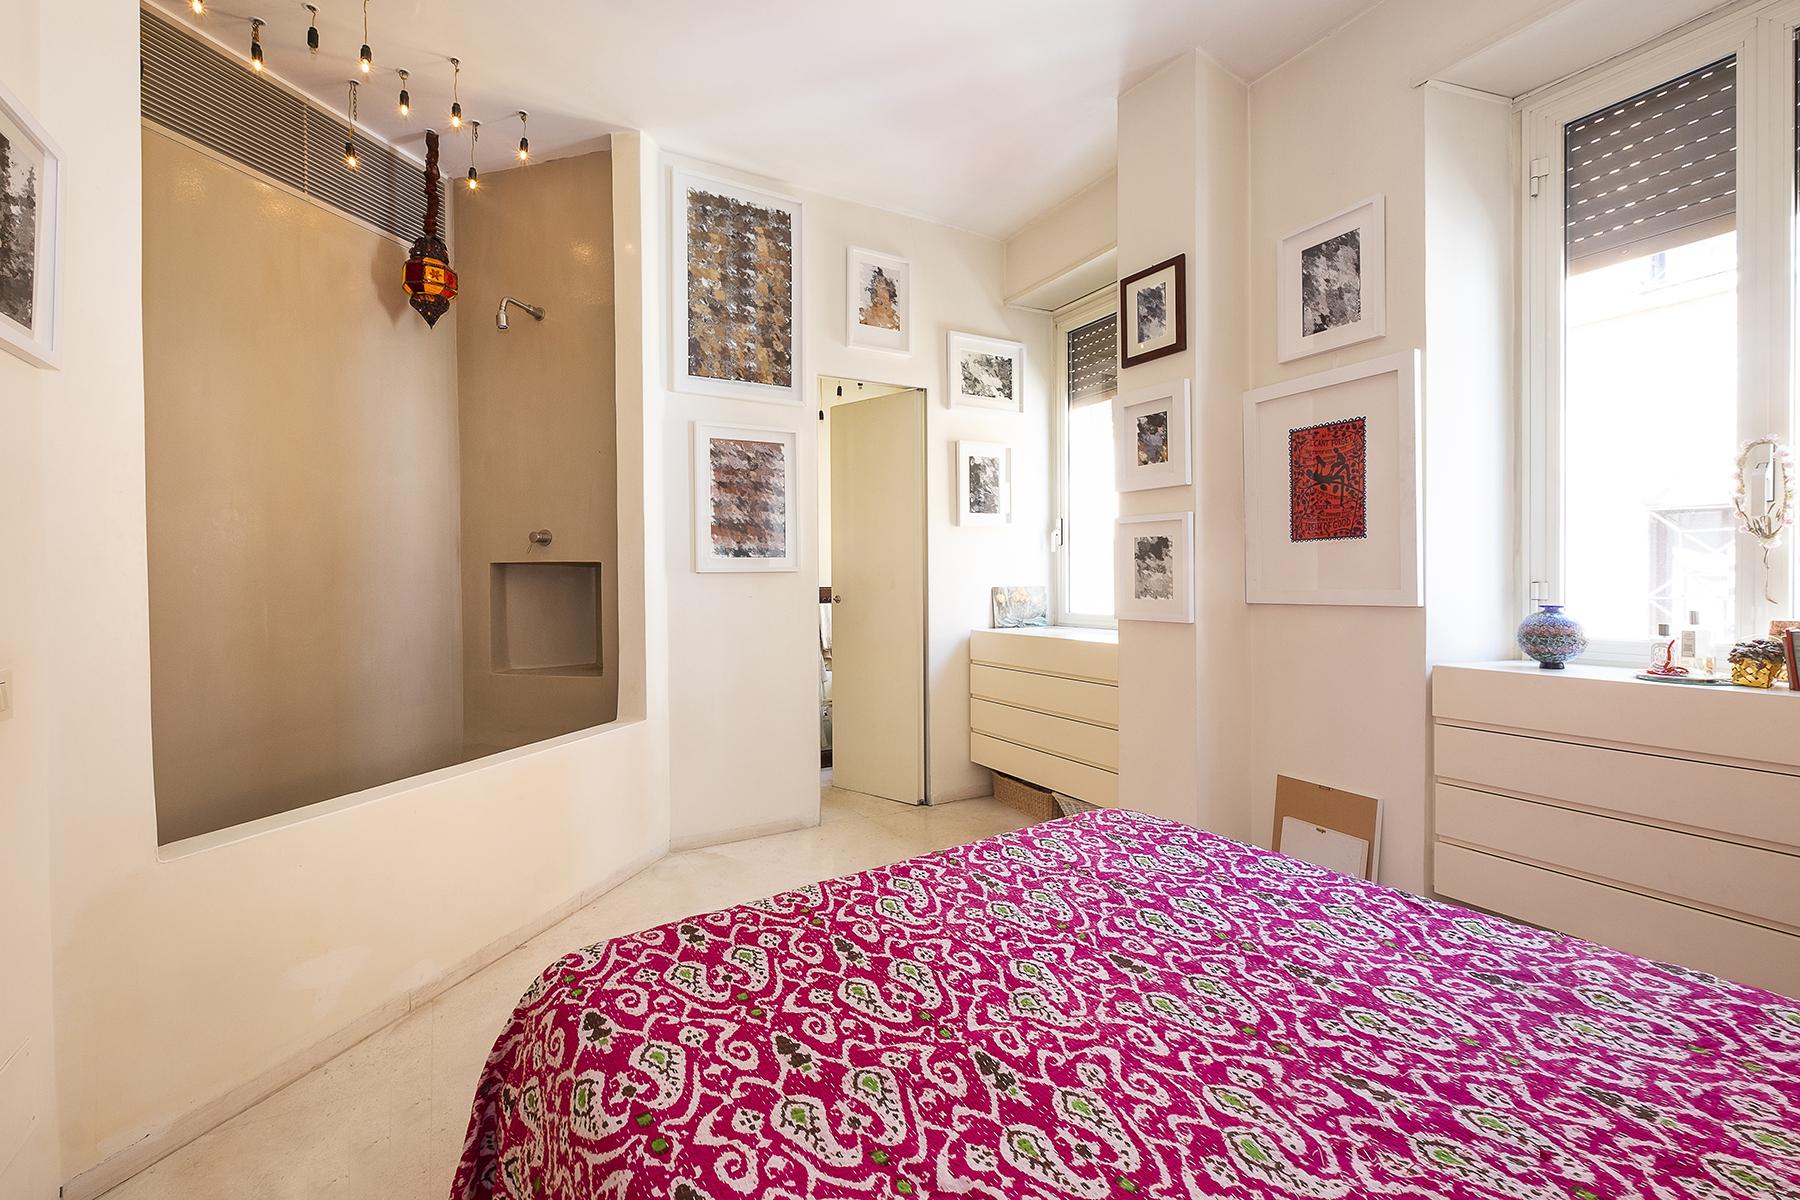 Appartamento in Vendita a Roma: 4 locali, 80 mq - Foto 12